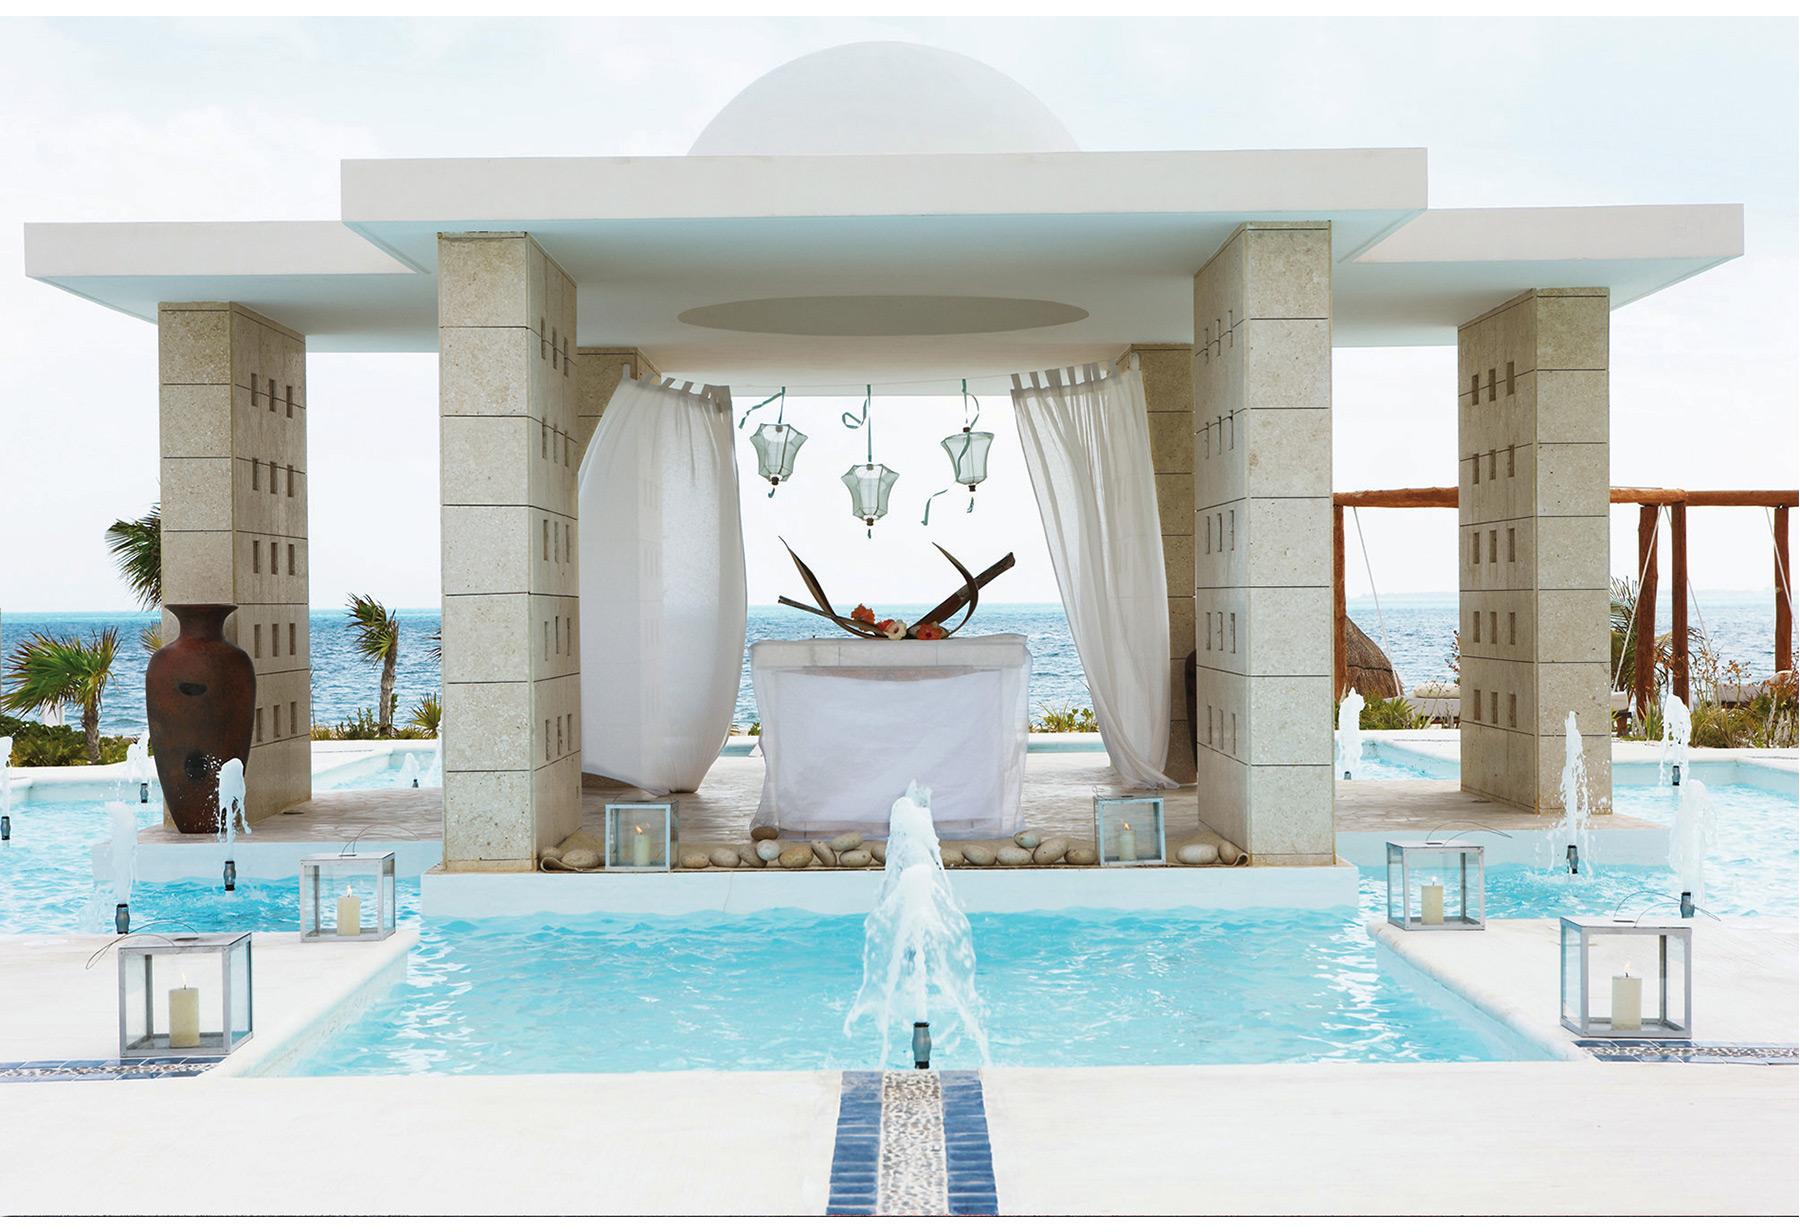 Villa Balam-Ha Playa Mujeres, Mexico